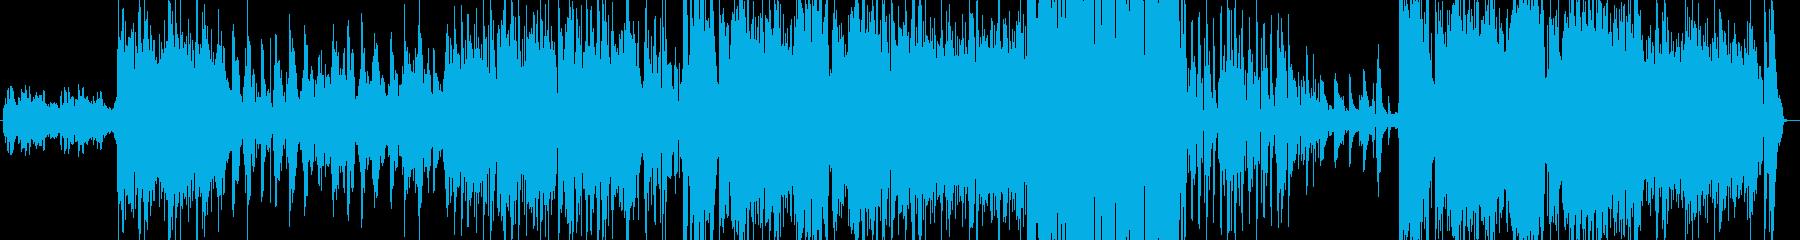 海の中に居る様なテクノバラードの再生済みの波形